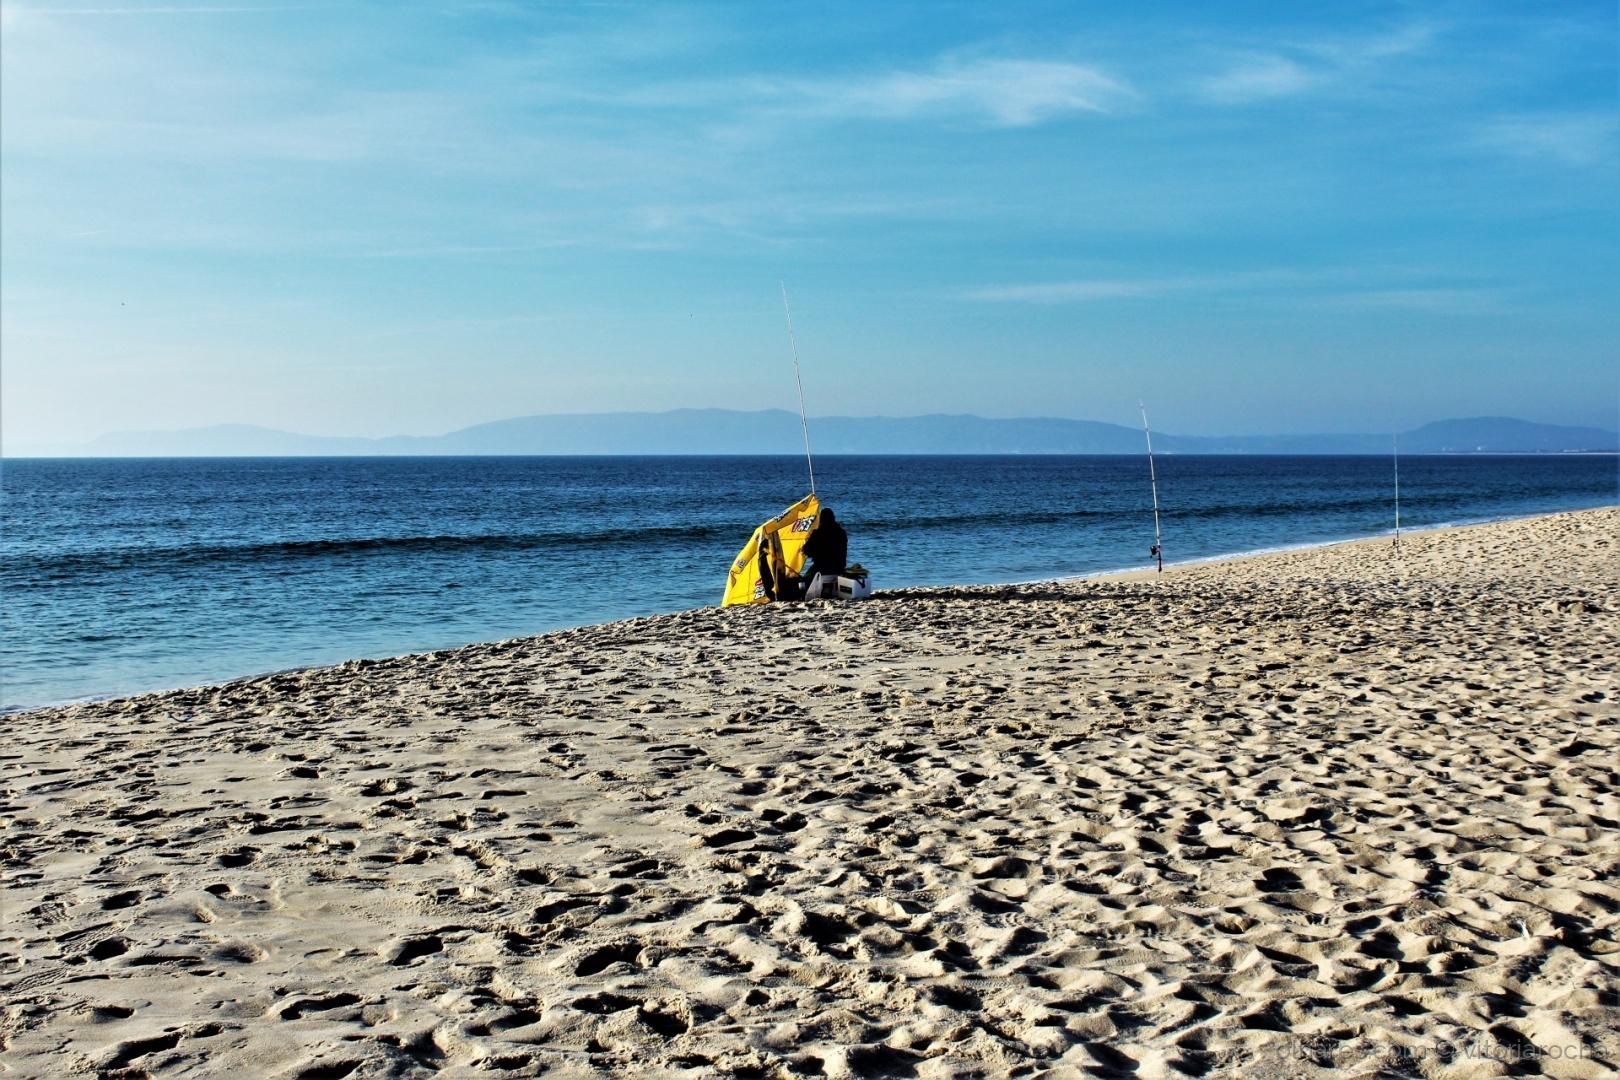 Desporto e Ação/Paciência de pescador...